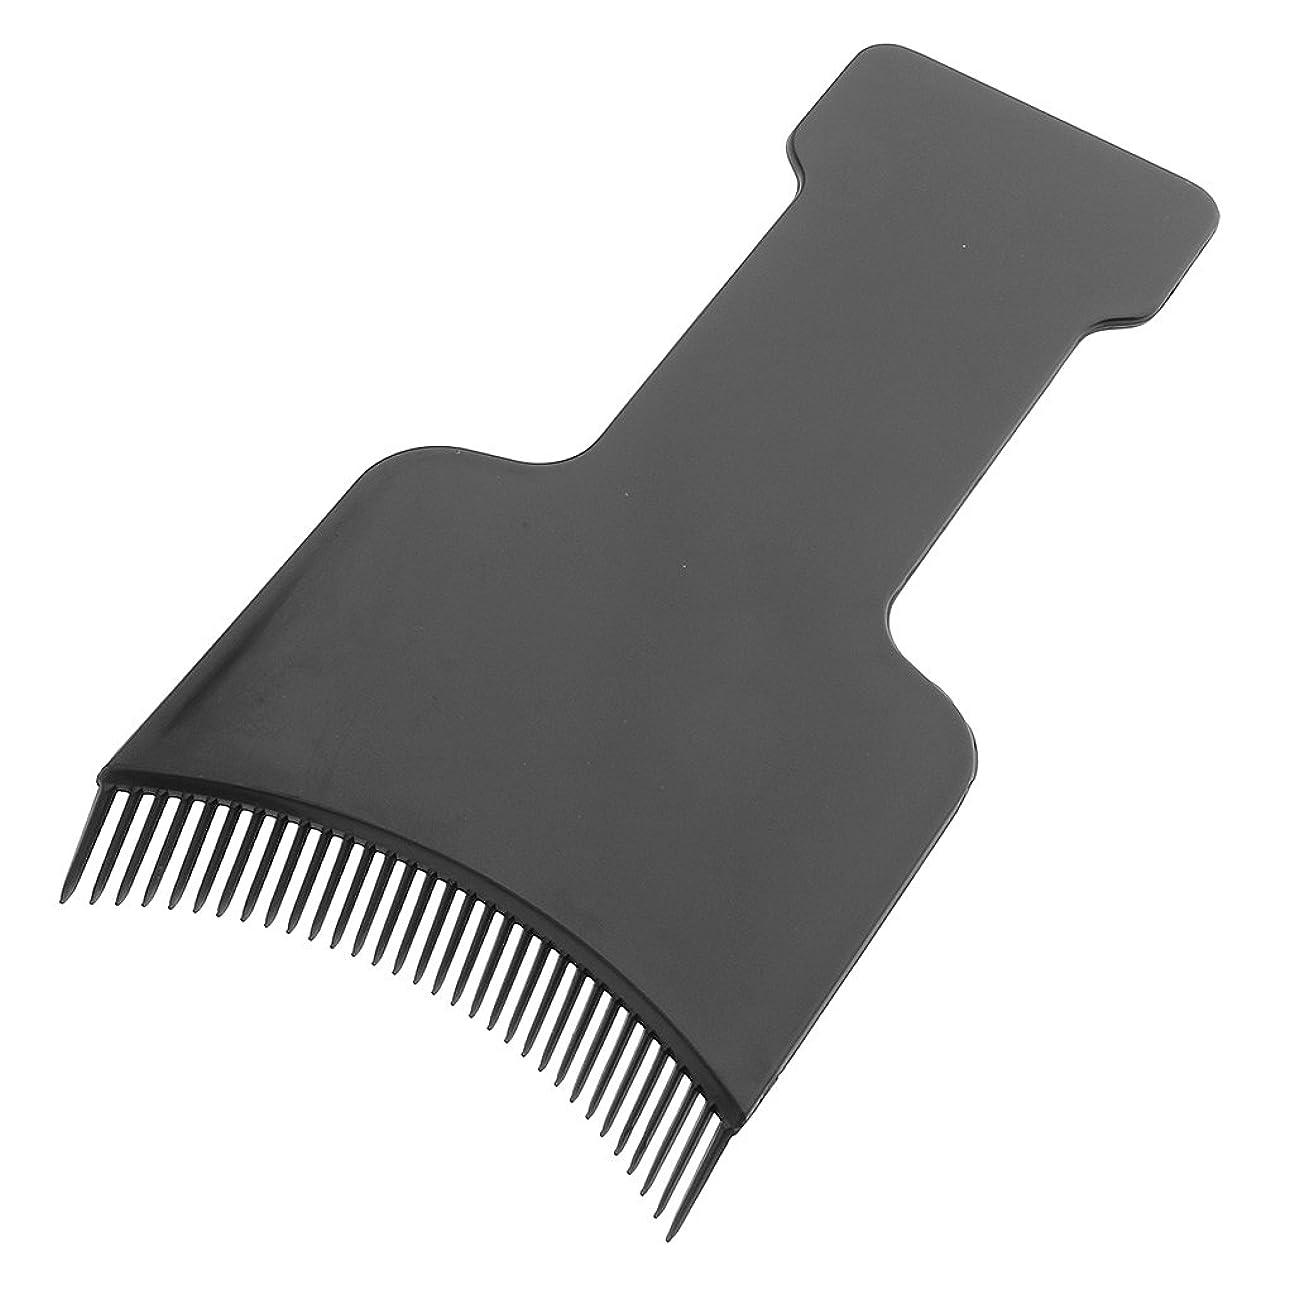 鹿私達致命的なBlesiya 染色ティントプレート ヘアカラー ボード 美容 ヘア ツール 髪 保護 ブラック 実用 便利 全4サイズ  - S